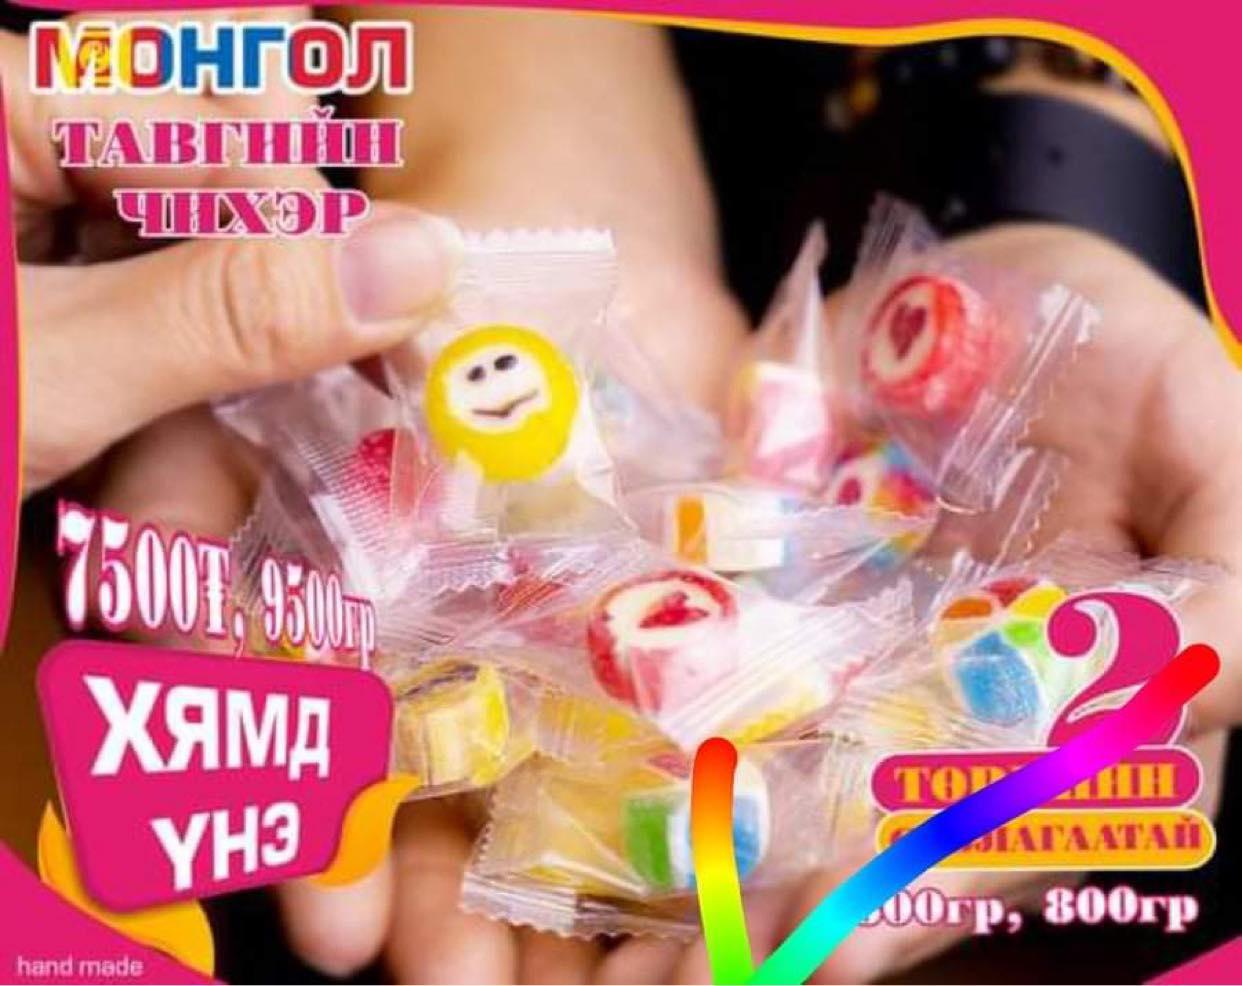 Тавгийн чихэр (1)